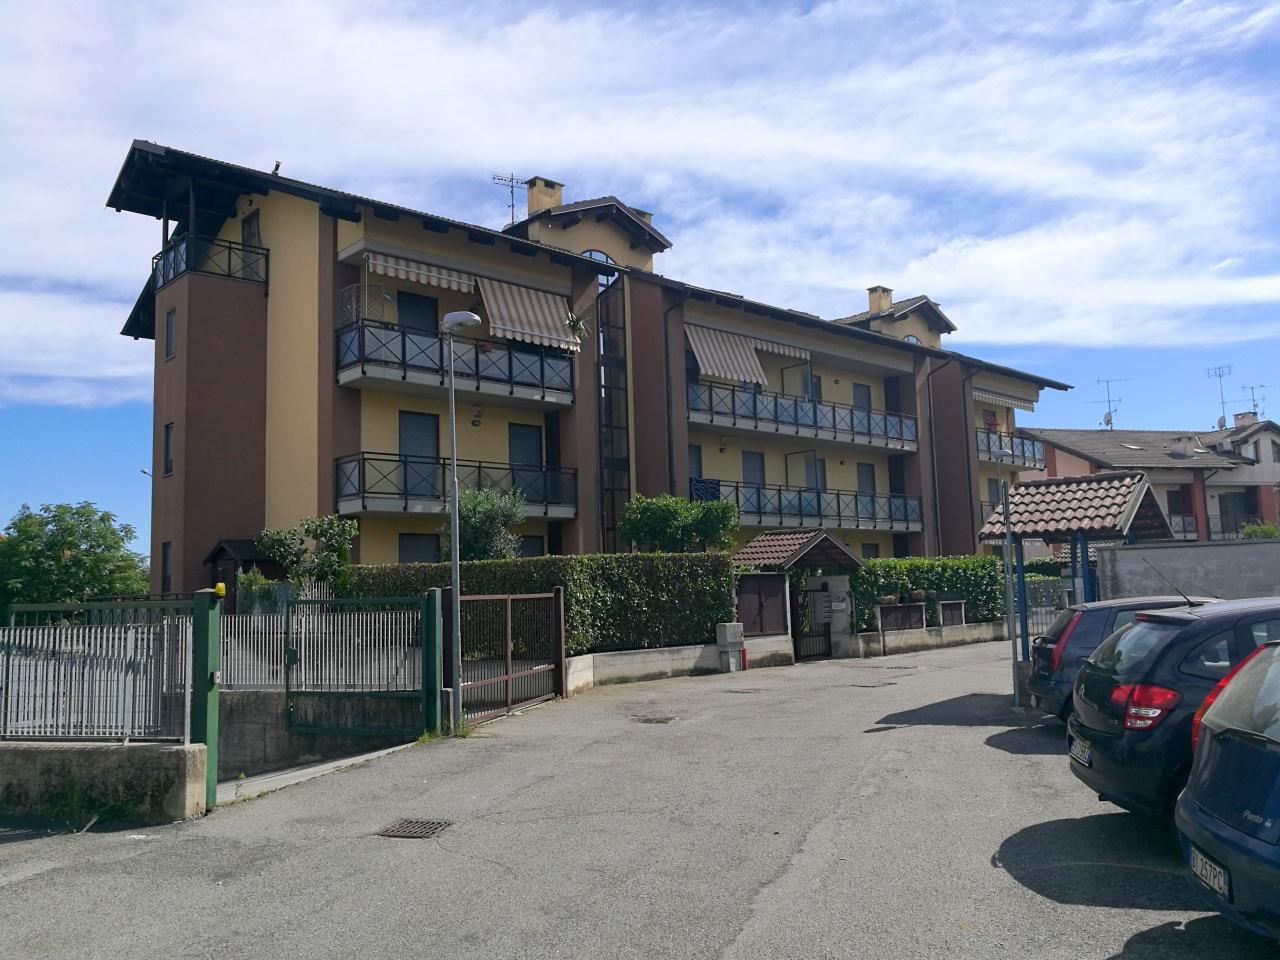 Appartamento in vendita a Torrazza Piemonte, 5 locali, prezzo € 135.000 | CambioCasa.it